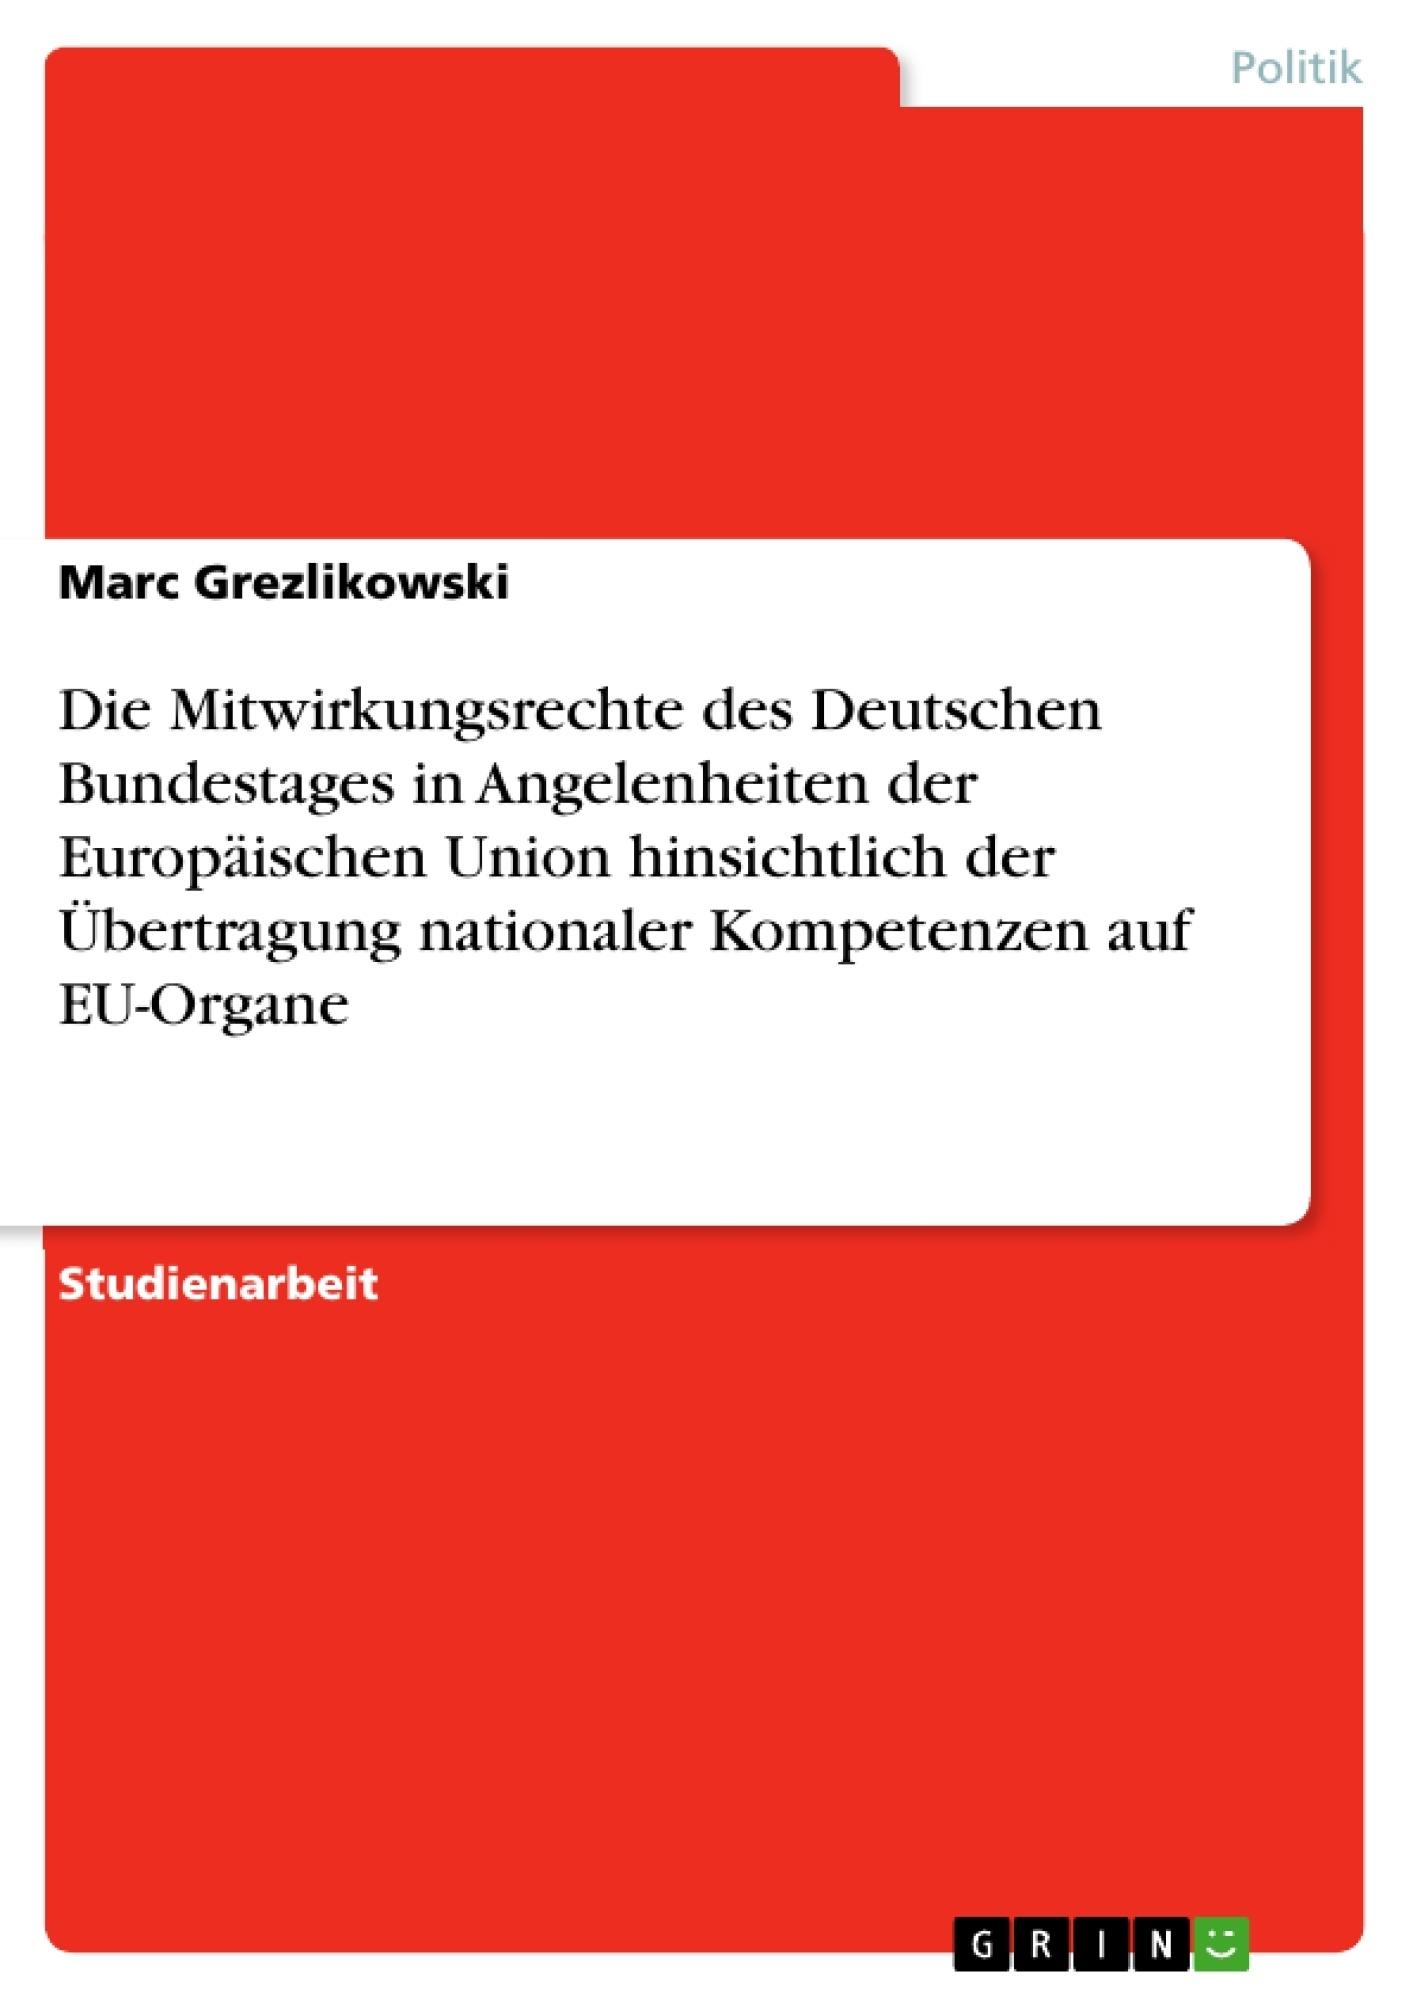 Titel: Die Mitwirkungsrechte des Deutschen Bundestages in Angelenheiten der Europäischen Union hinsichtlich der Übertragung nationaler Kompetenzen auf EU-Organe